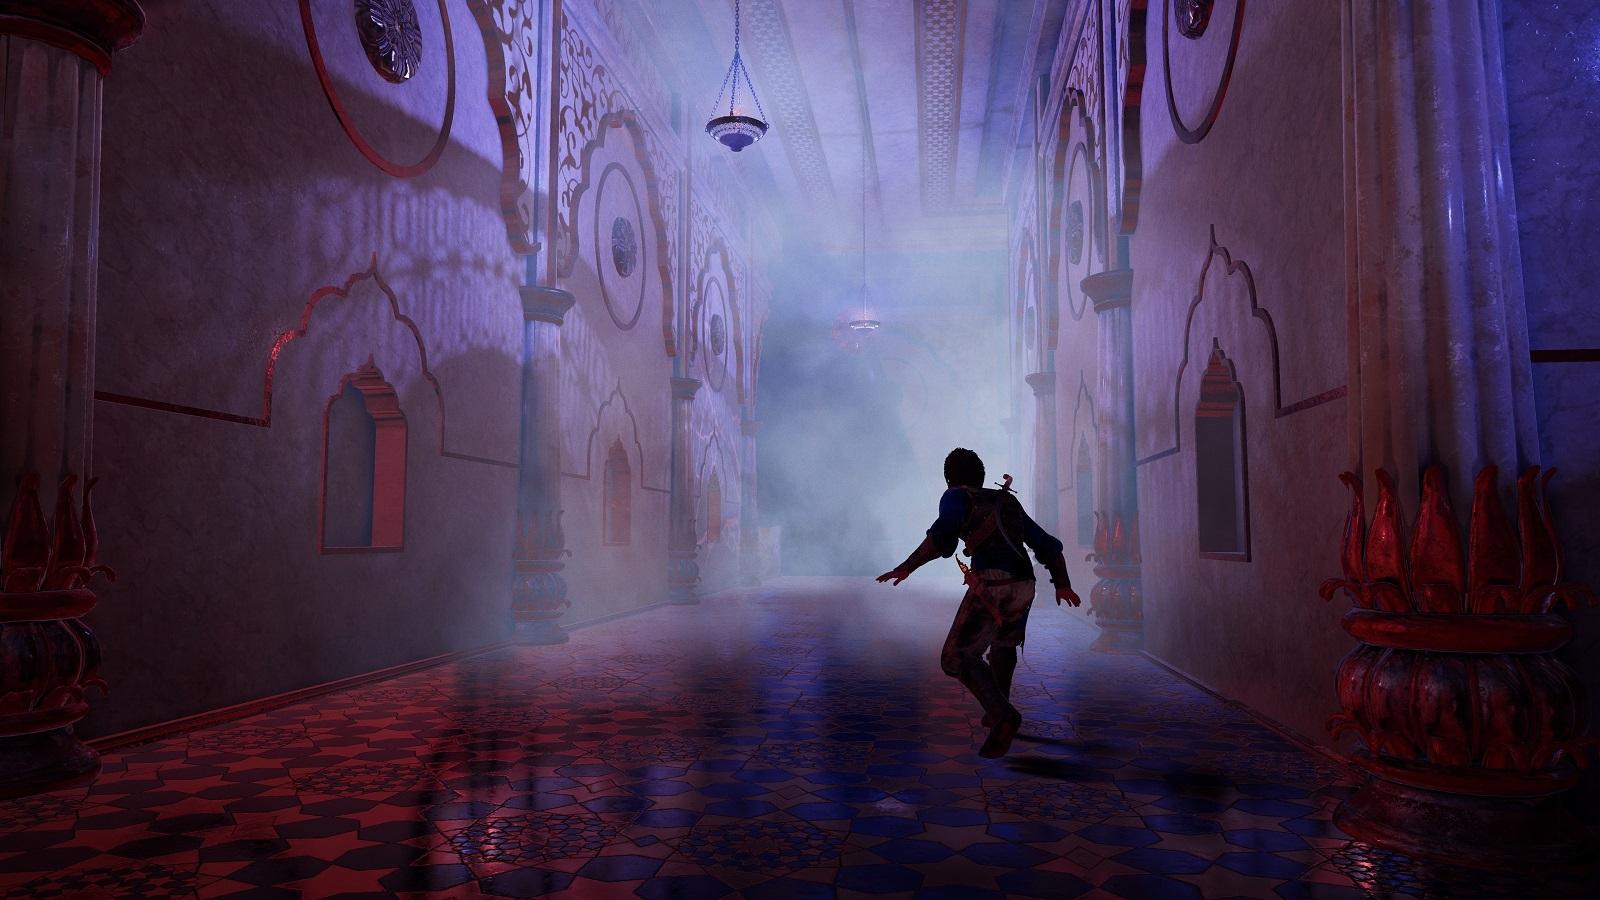 Ремейк Prince of Persia: The Sands of Time перенесли во второй раз — теперь на неопределённый срок